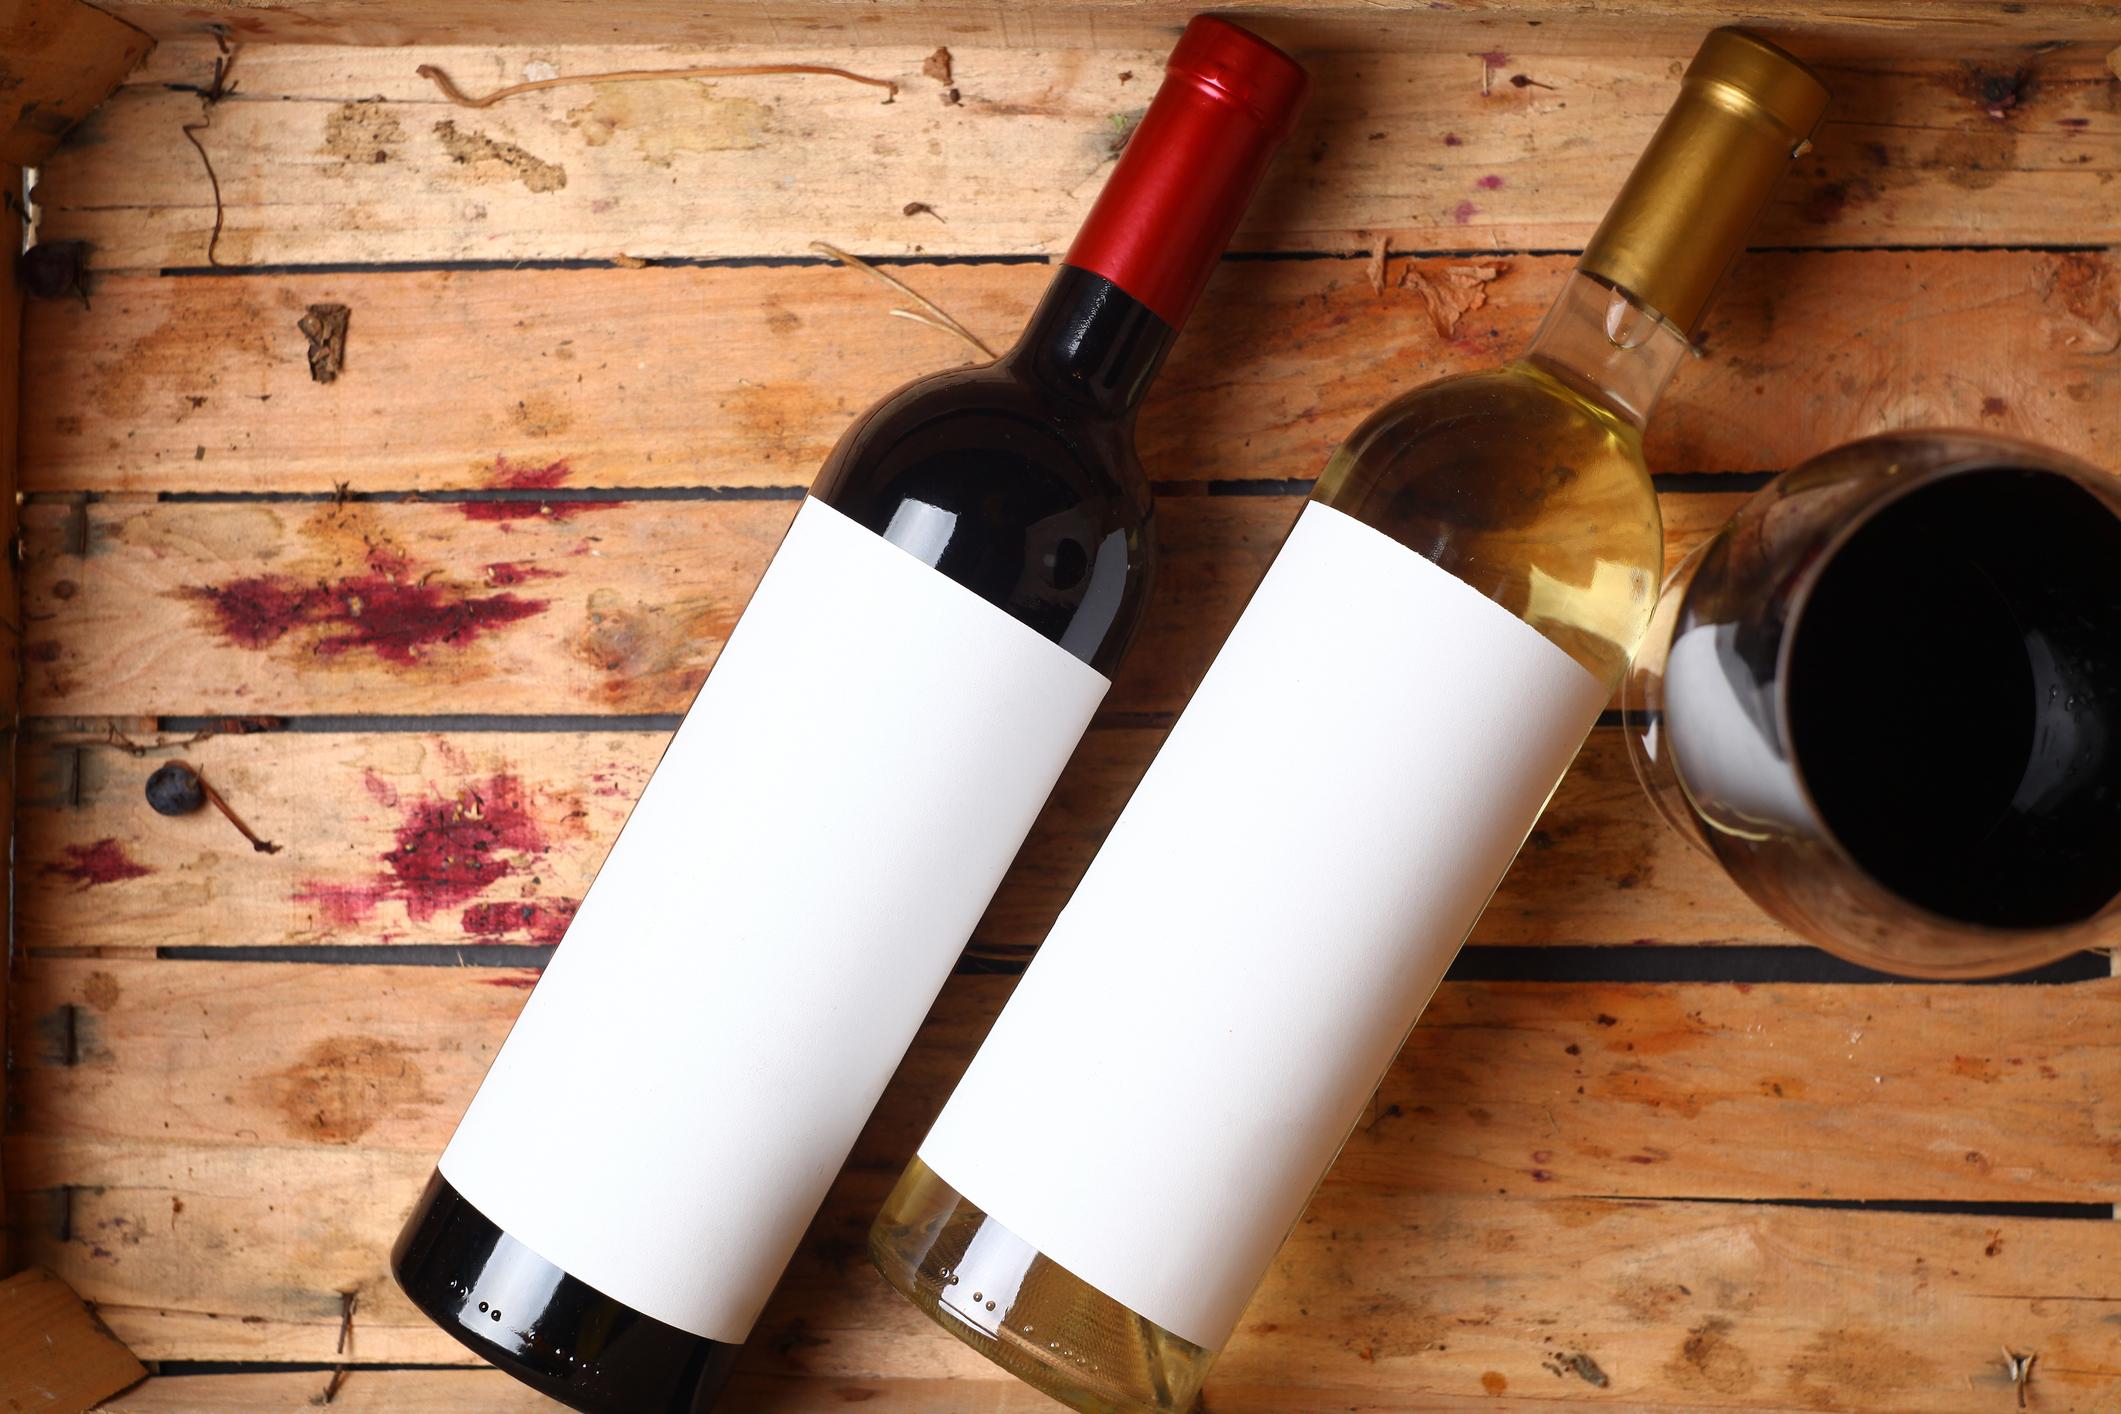 image Comment supprimer tâches de vin ?